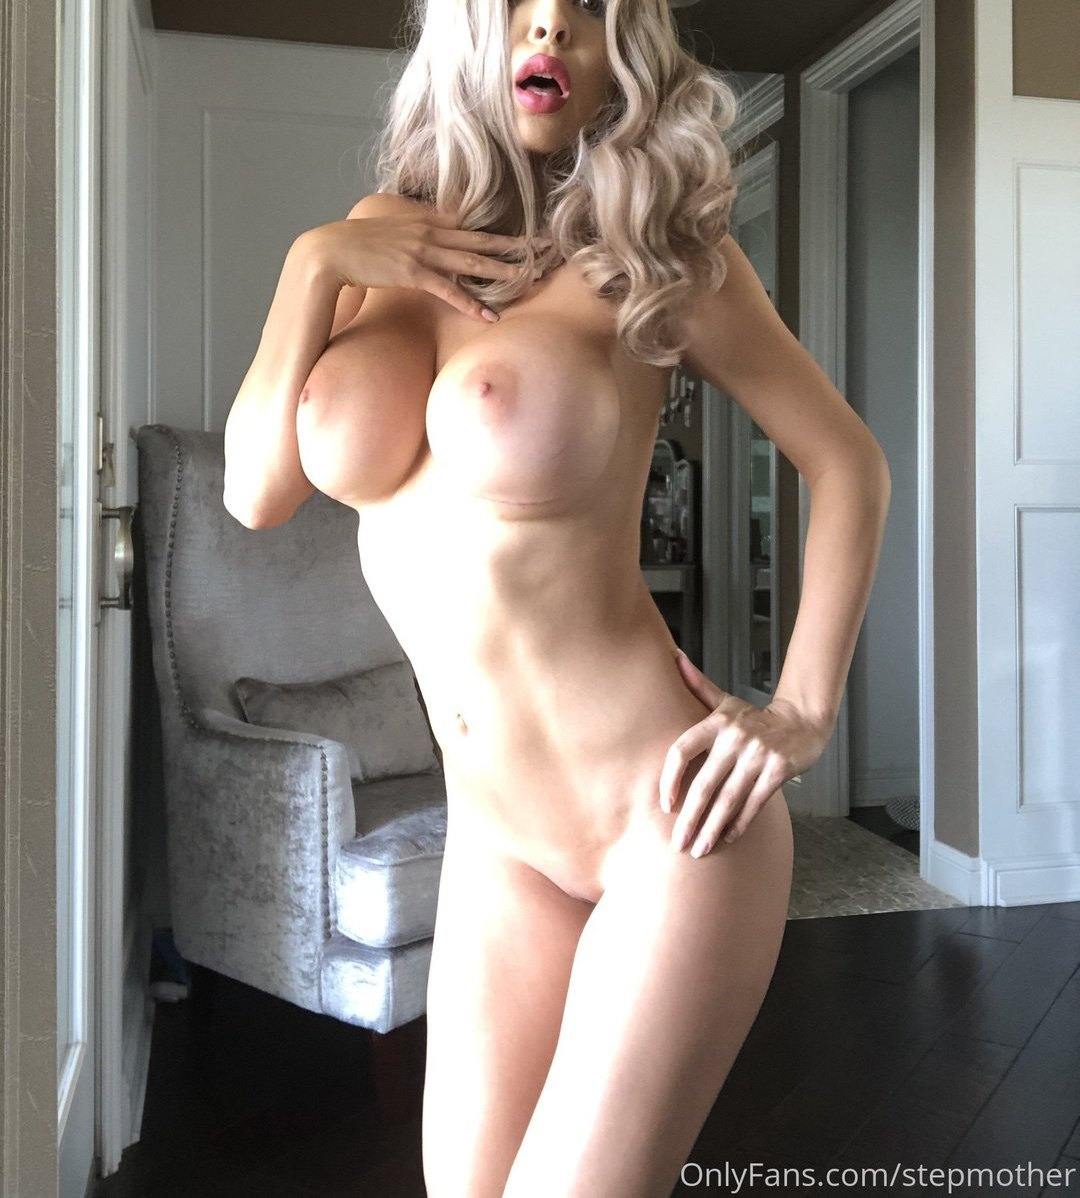 Zayla Skye Stepmother Onlyfans Nudes Leaks 0002